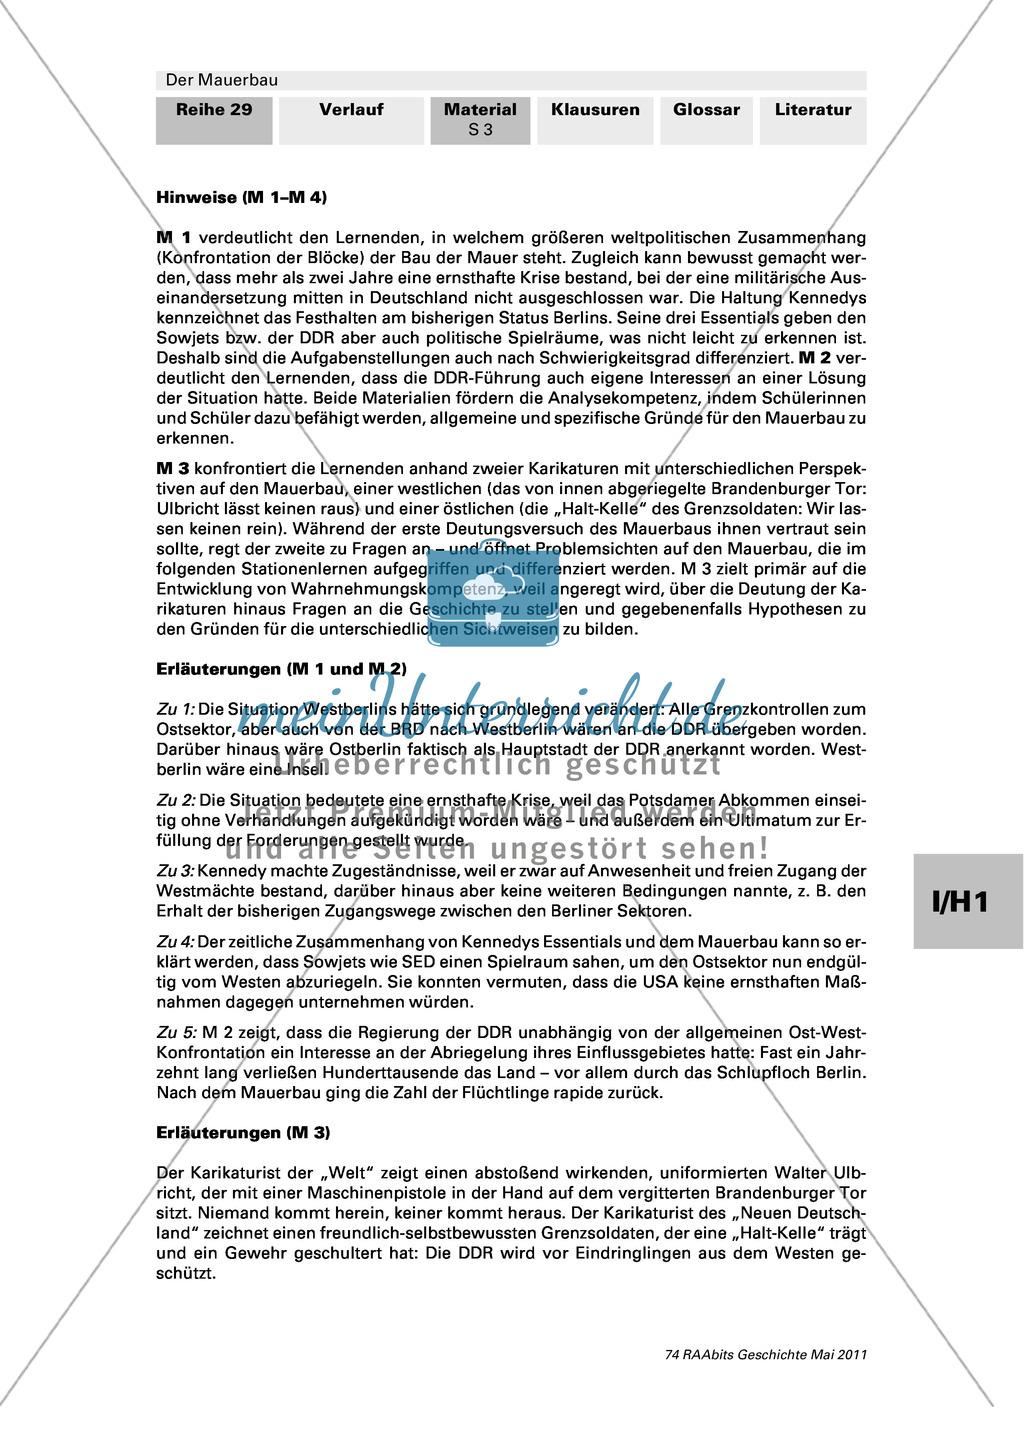 Mauerbau: Text: Rede von Chruschtschow am 10.11.1958 + Text: Kennedys Grundhaltung zu Westberlin vom 25.07.1961 + Tabelle: Flüchtlingszahlen + Karikaturen zum Mauerbau +  Stationenpass Preview 2